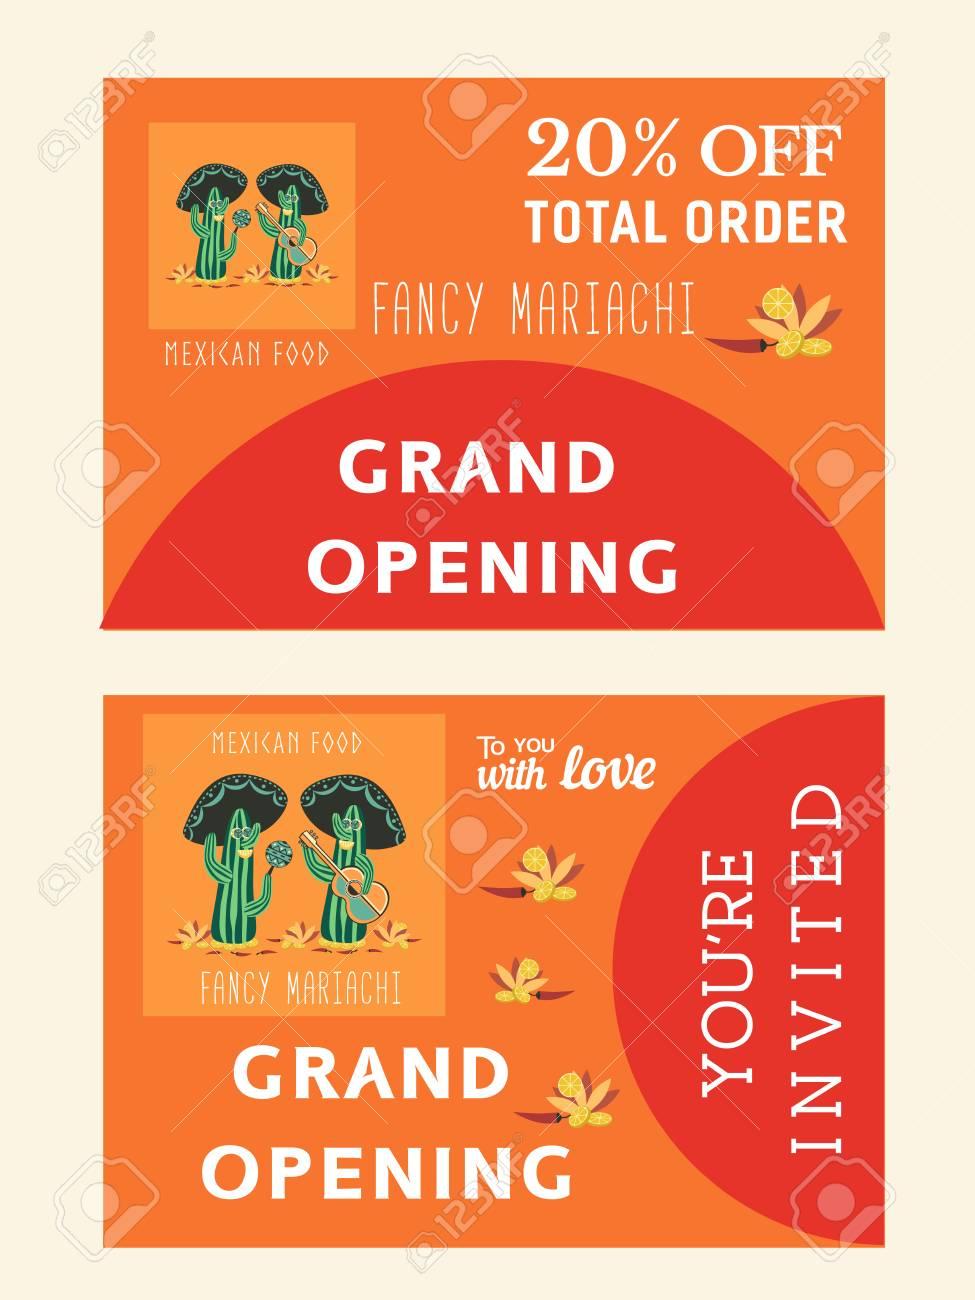 Conjunto De Plantillas Para Restaurante Mexicano Afvertising Gran Apertura Volante De Bonificación Tarjeta De Invitación Ilustración Vectorial